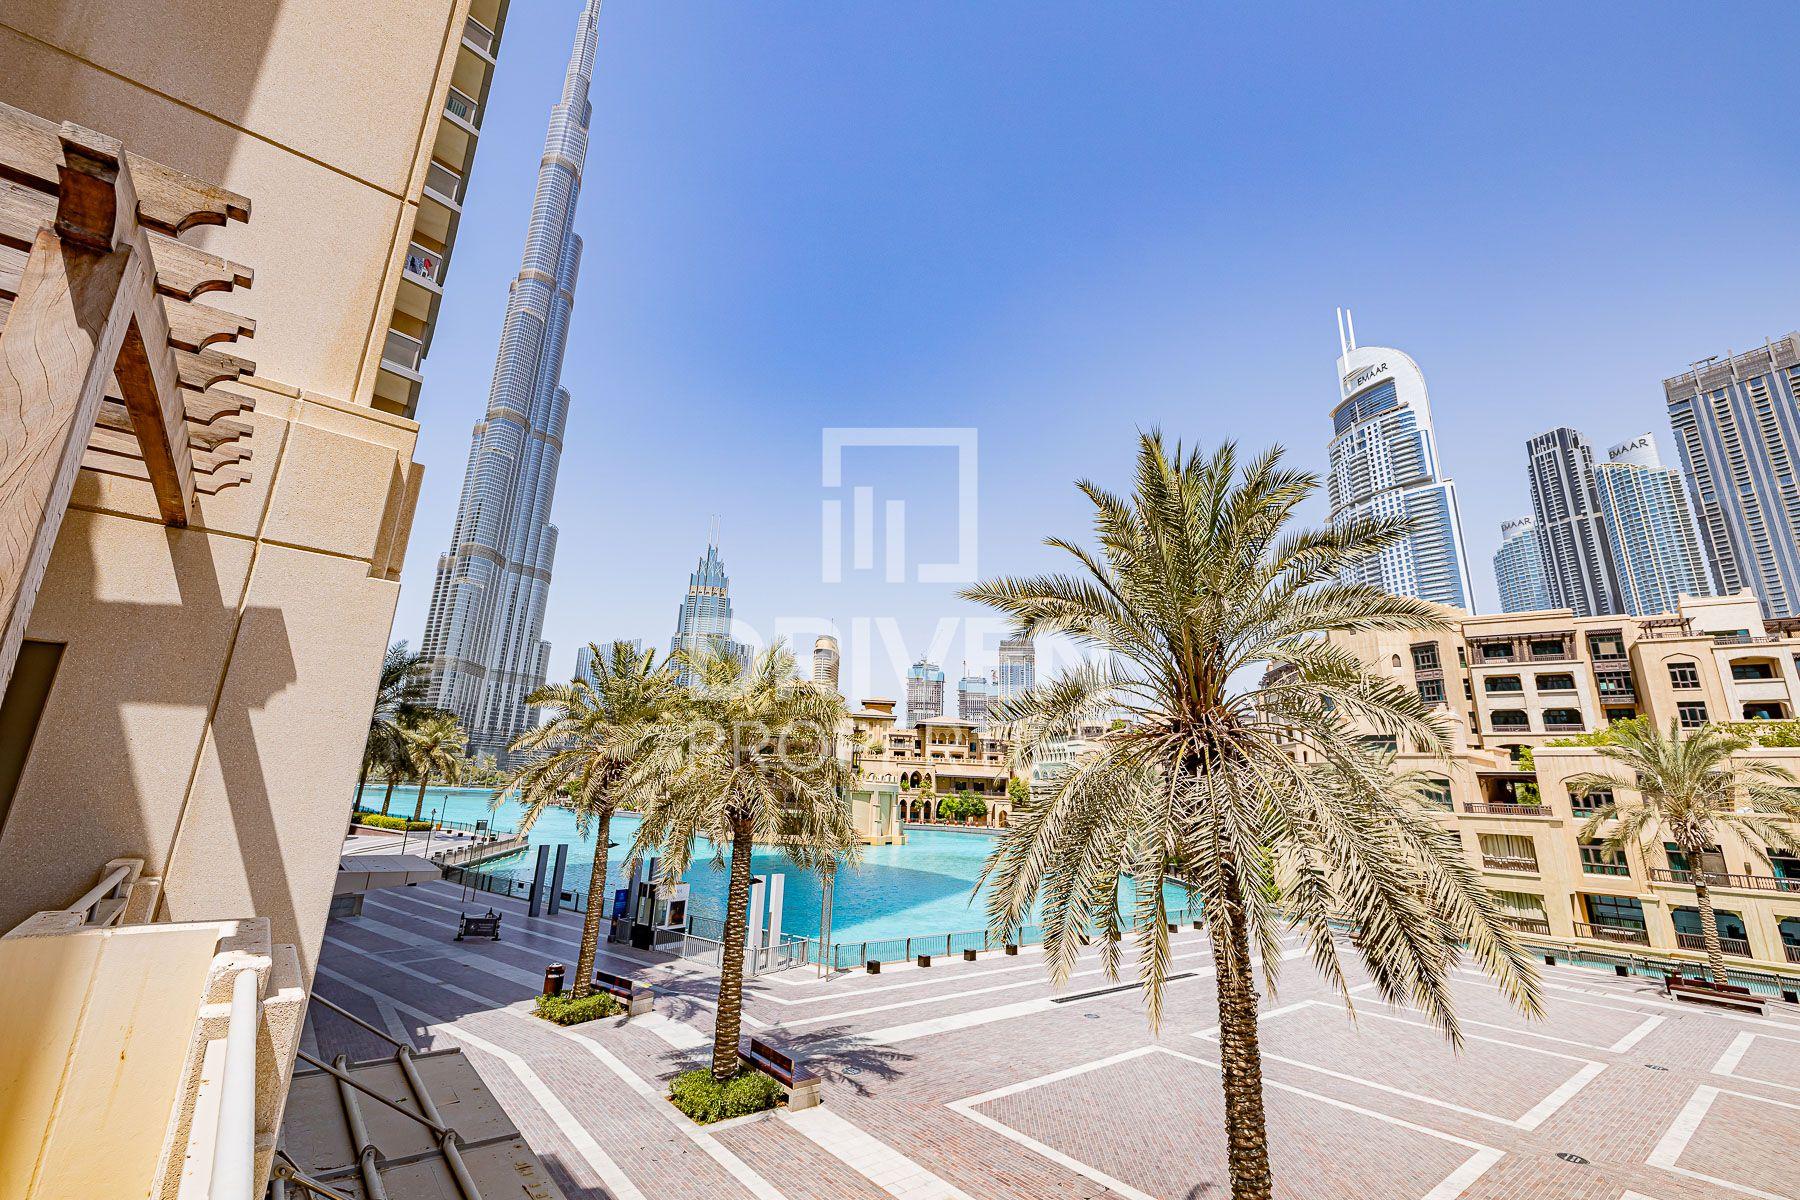 للبيع - فيلا - ذا ريزيدنس 2 - دبي وسط المدينة